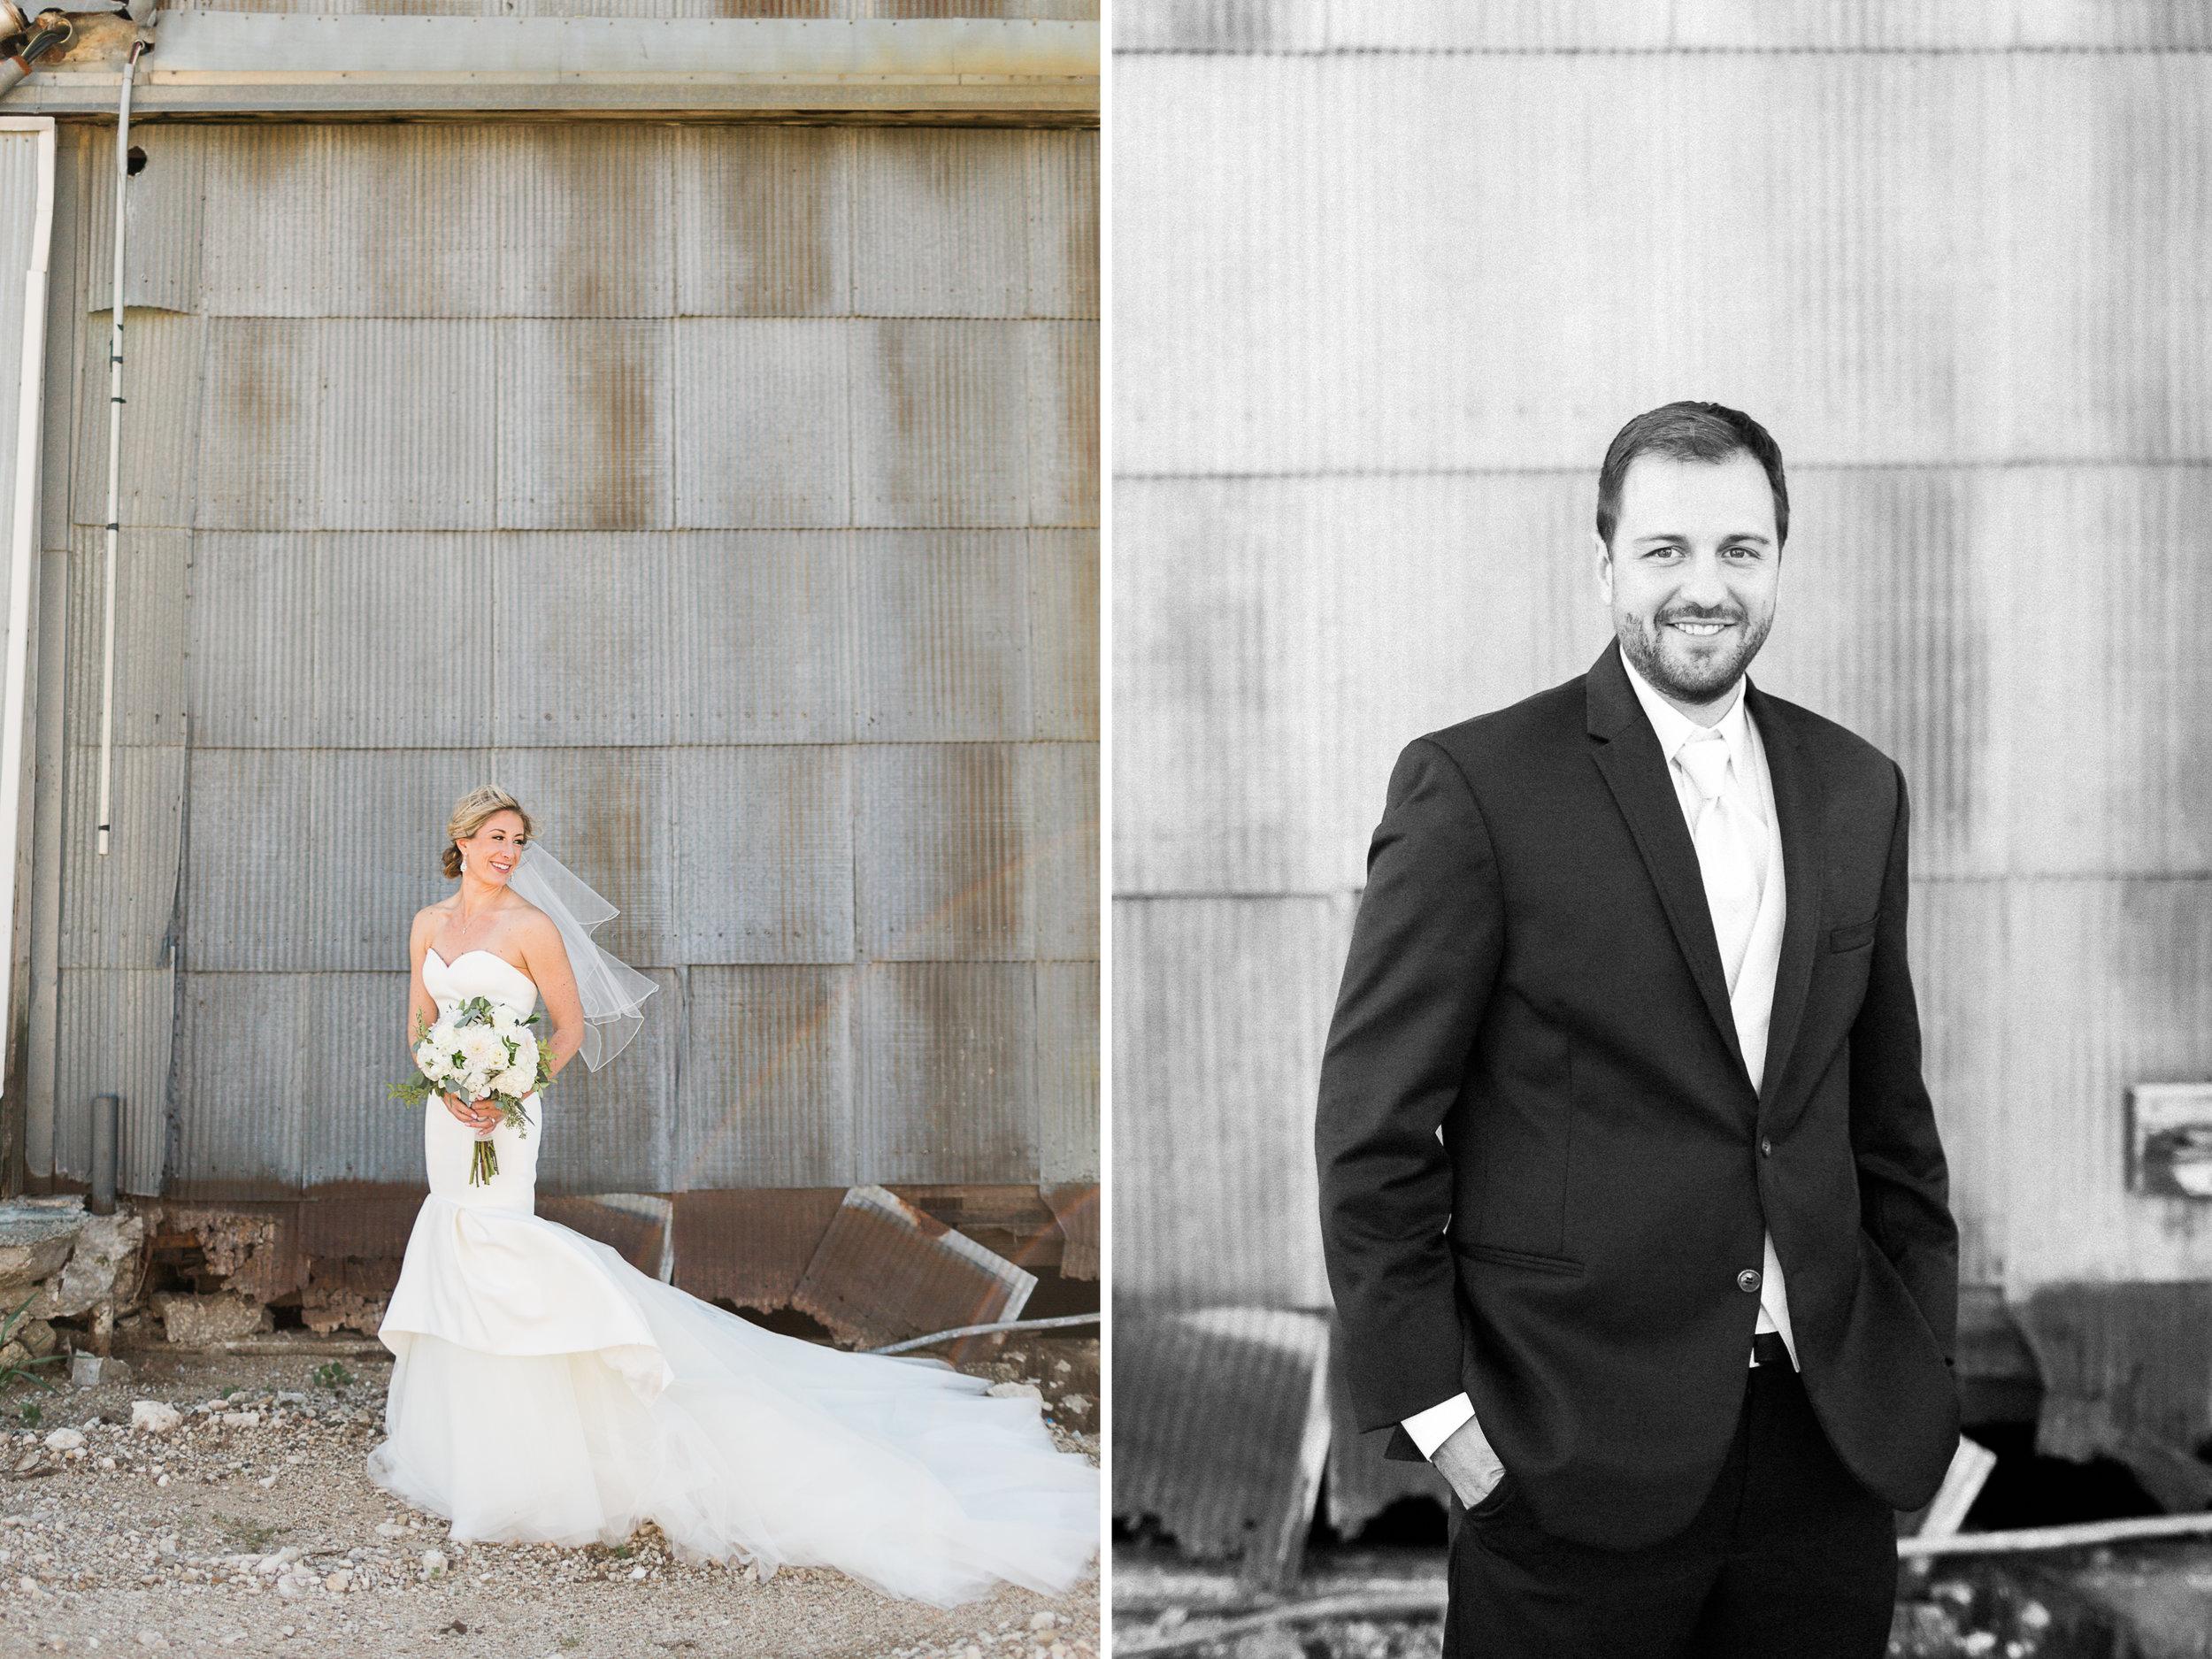 heartfeltcentraliowawedding10.jpg